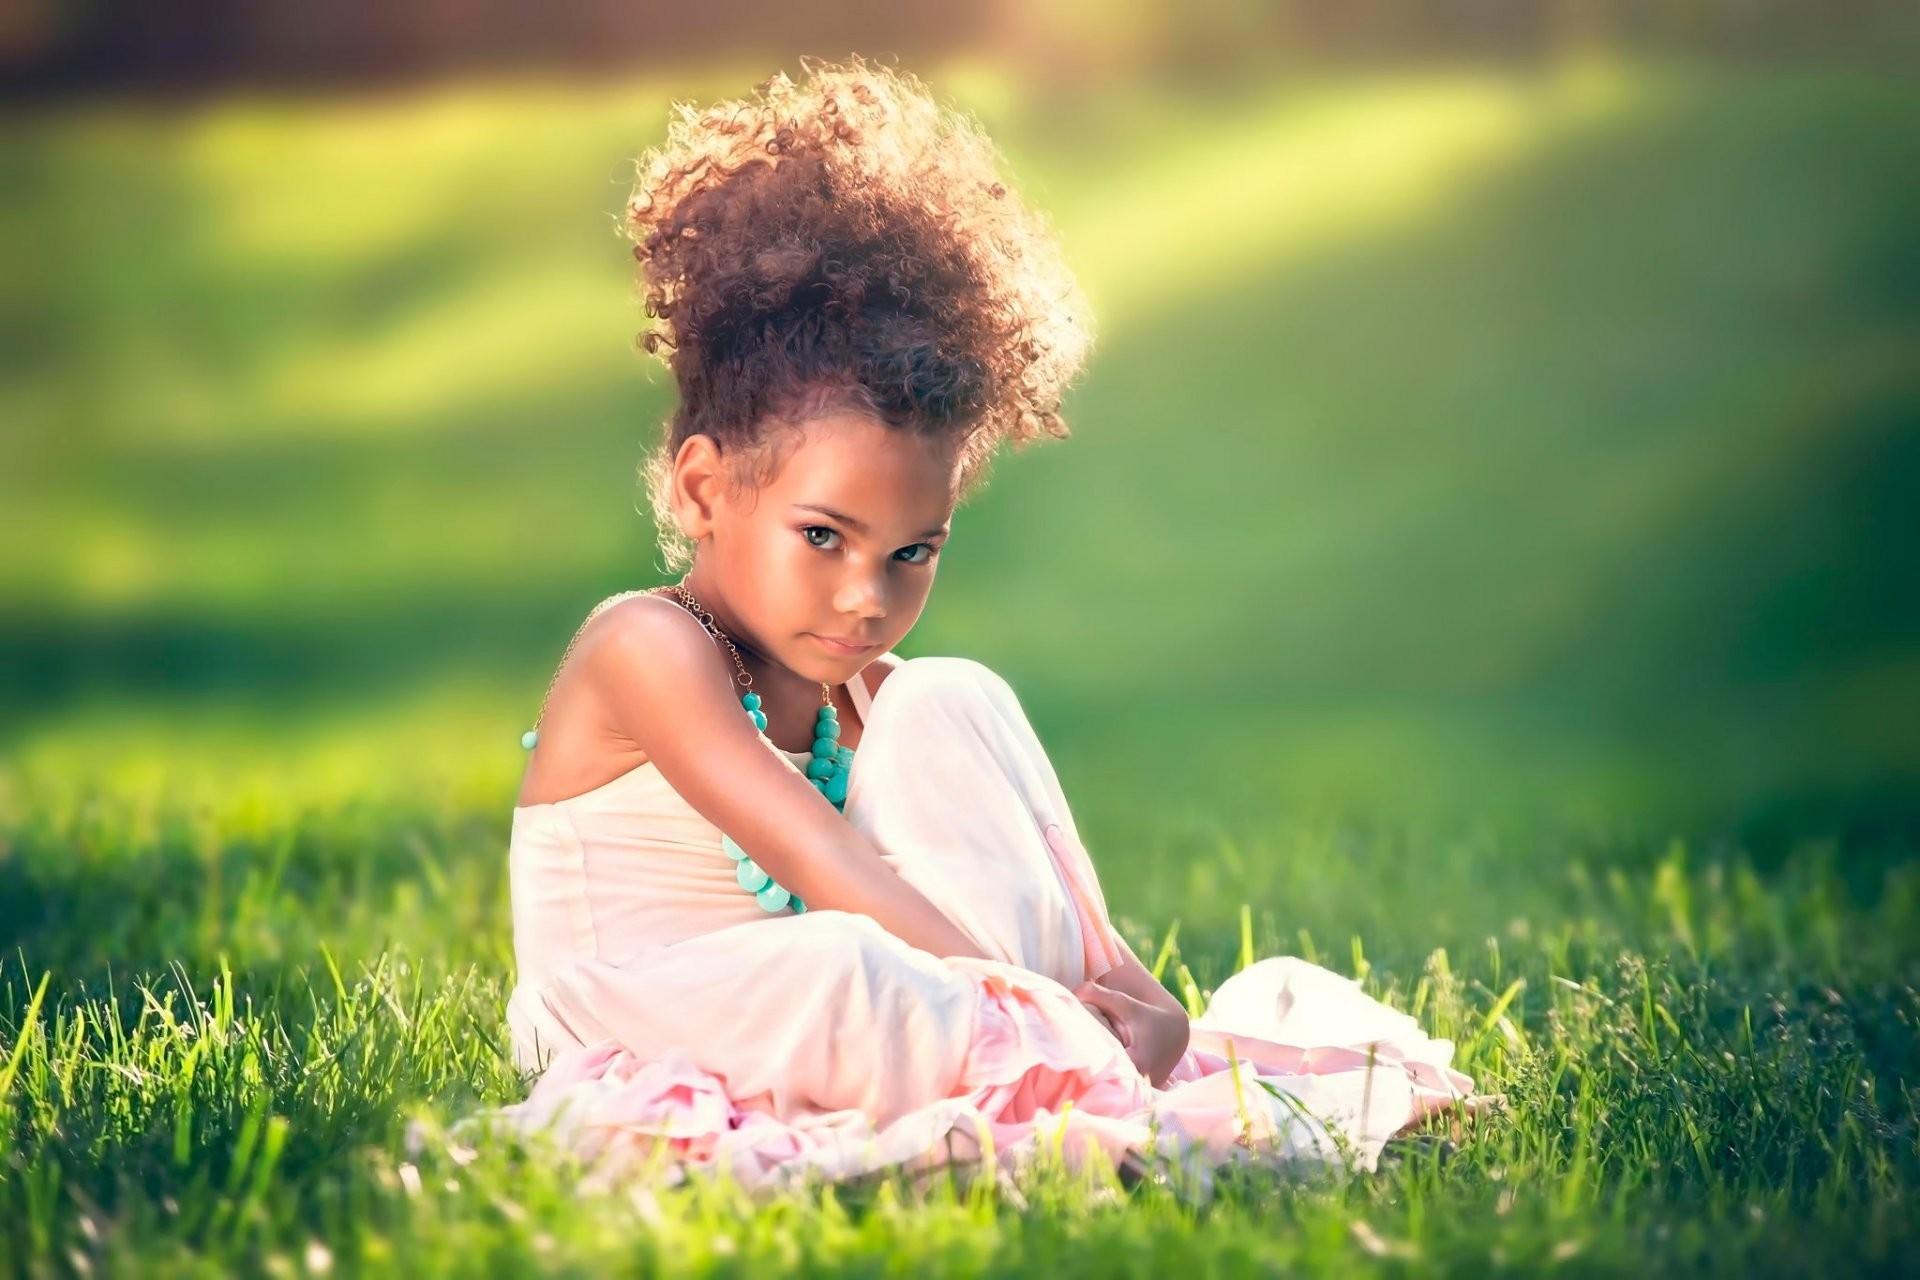 Картинка: Девочка, прическа, платье, взгляд, сидит, трава